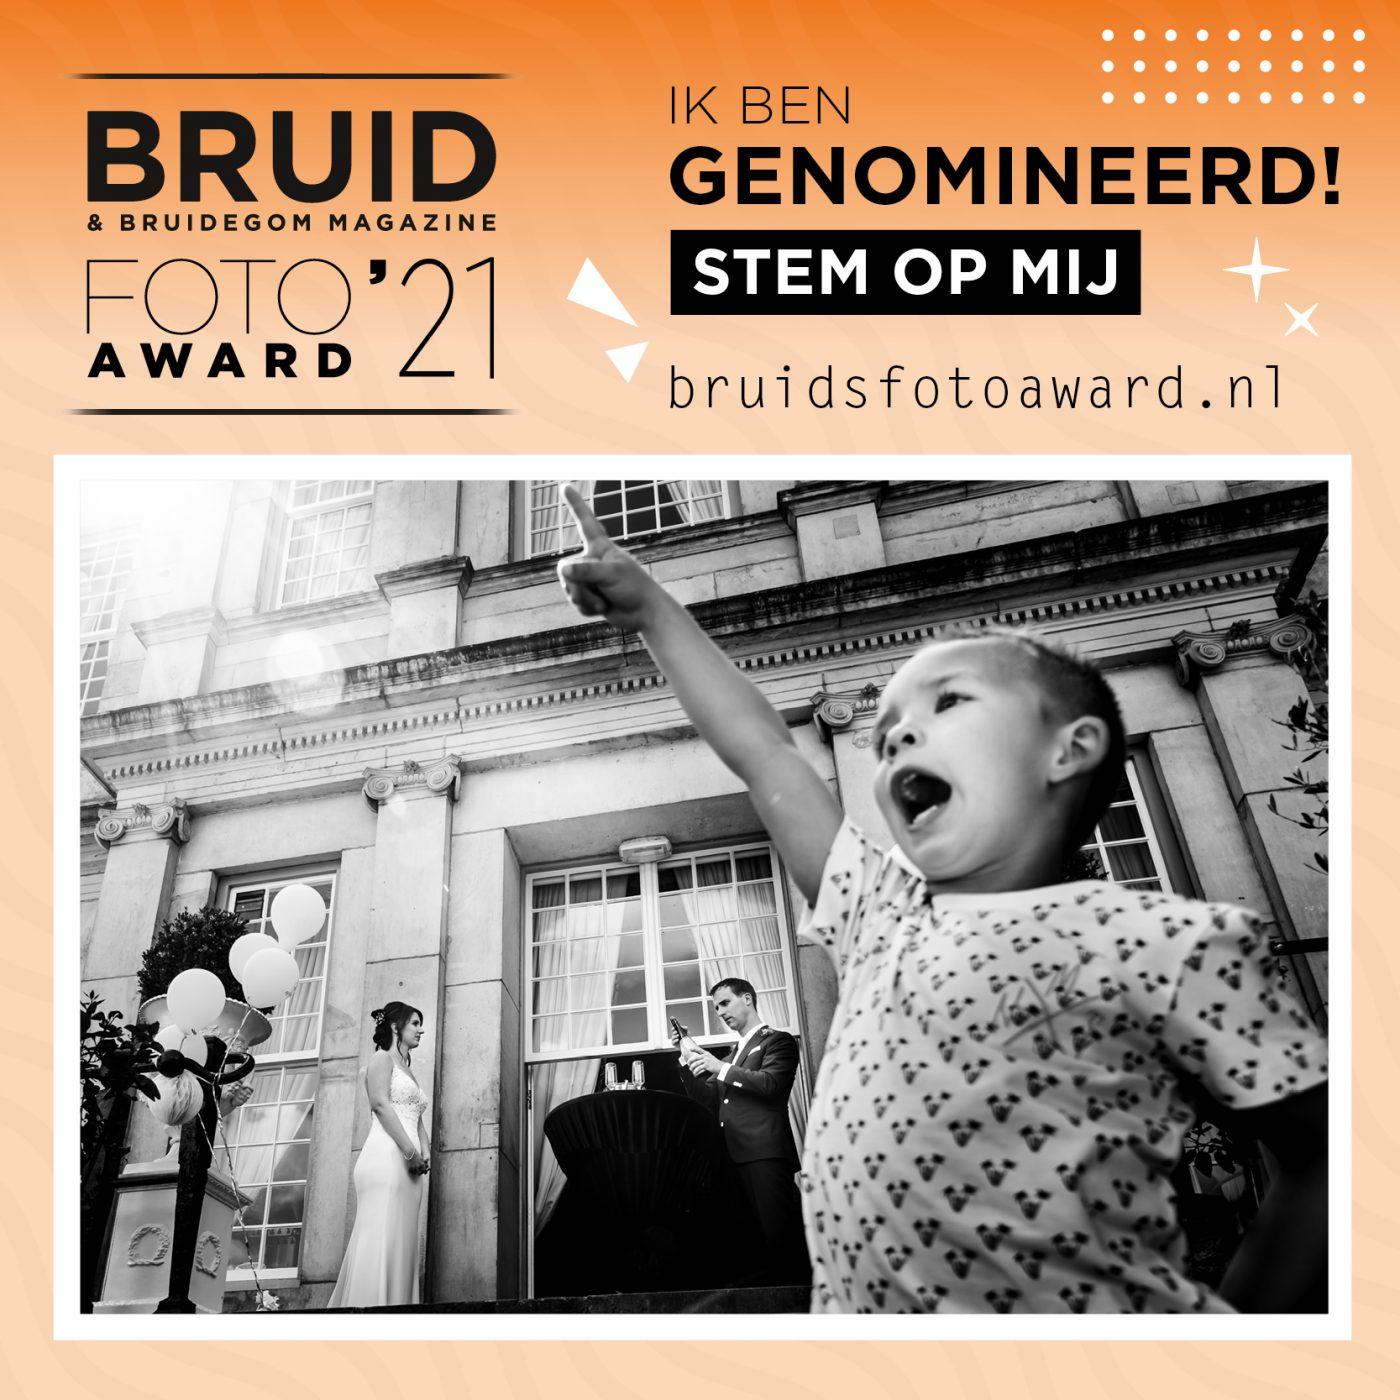 genomineerd-voor-de-bruidsfoto-Award-2021